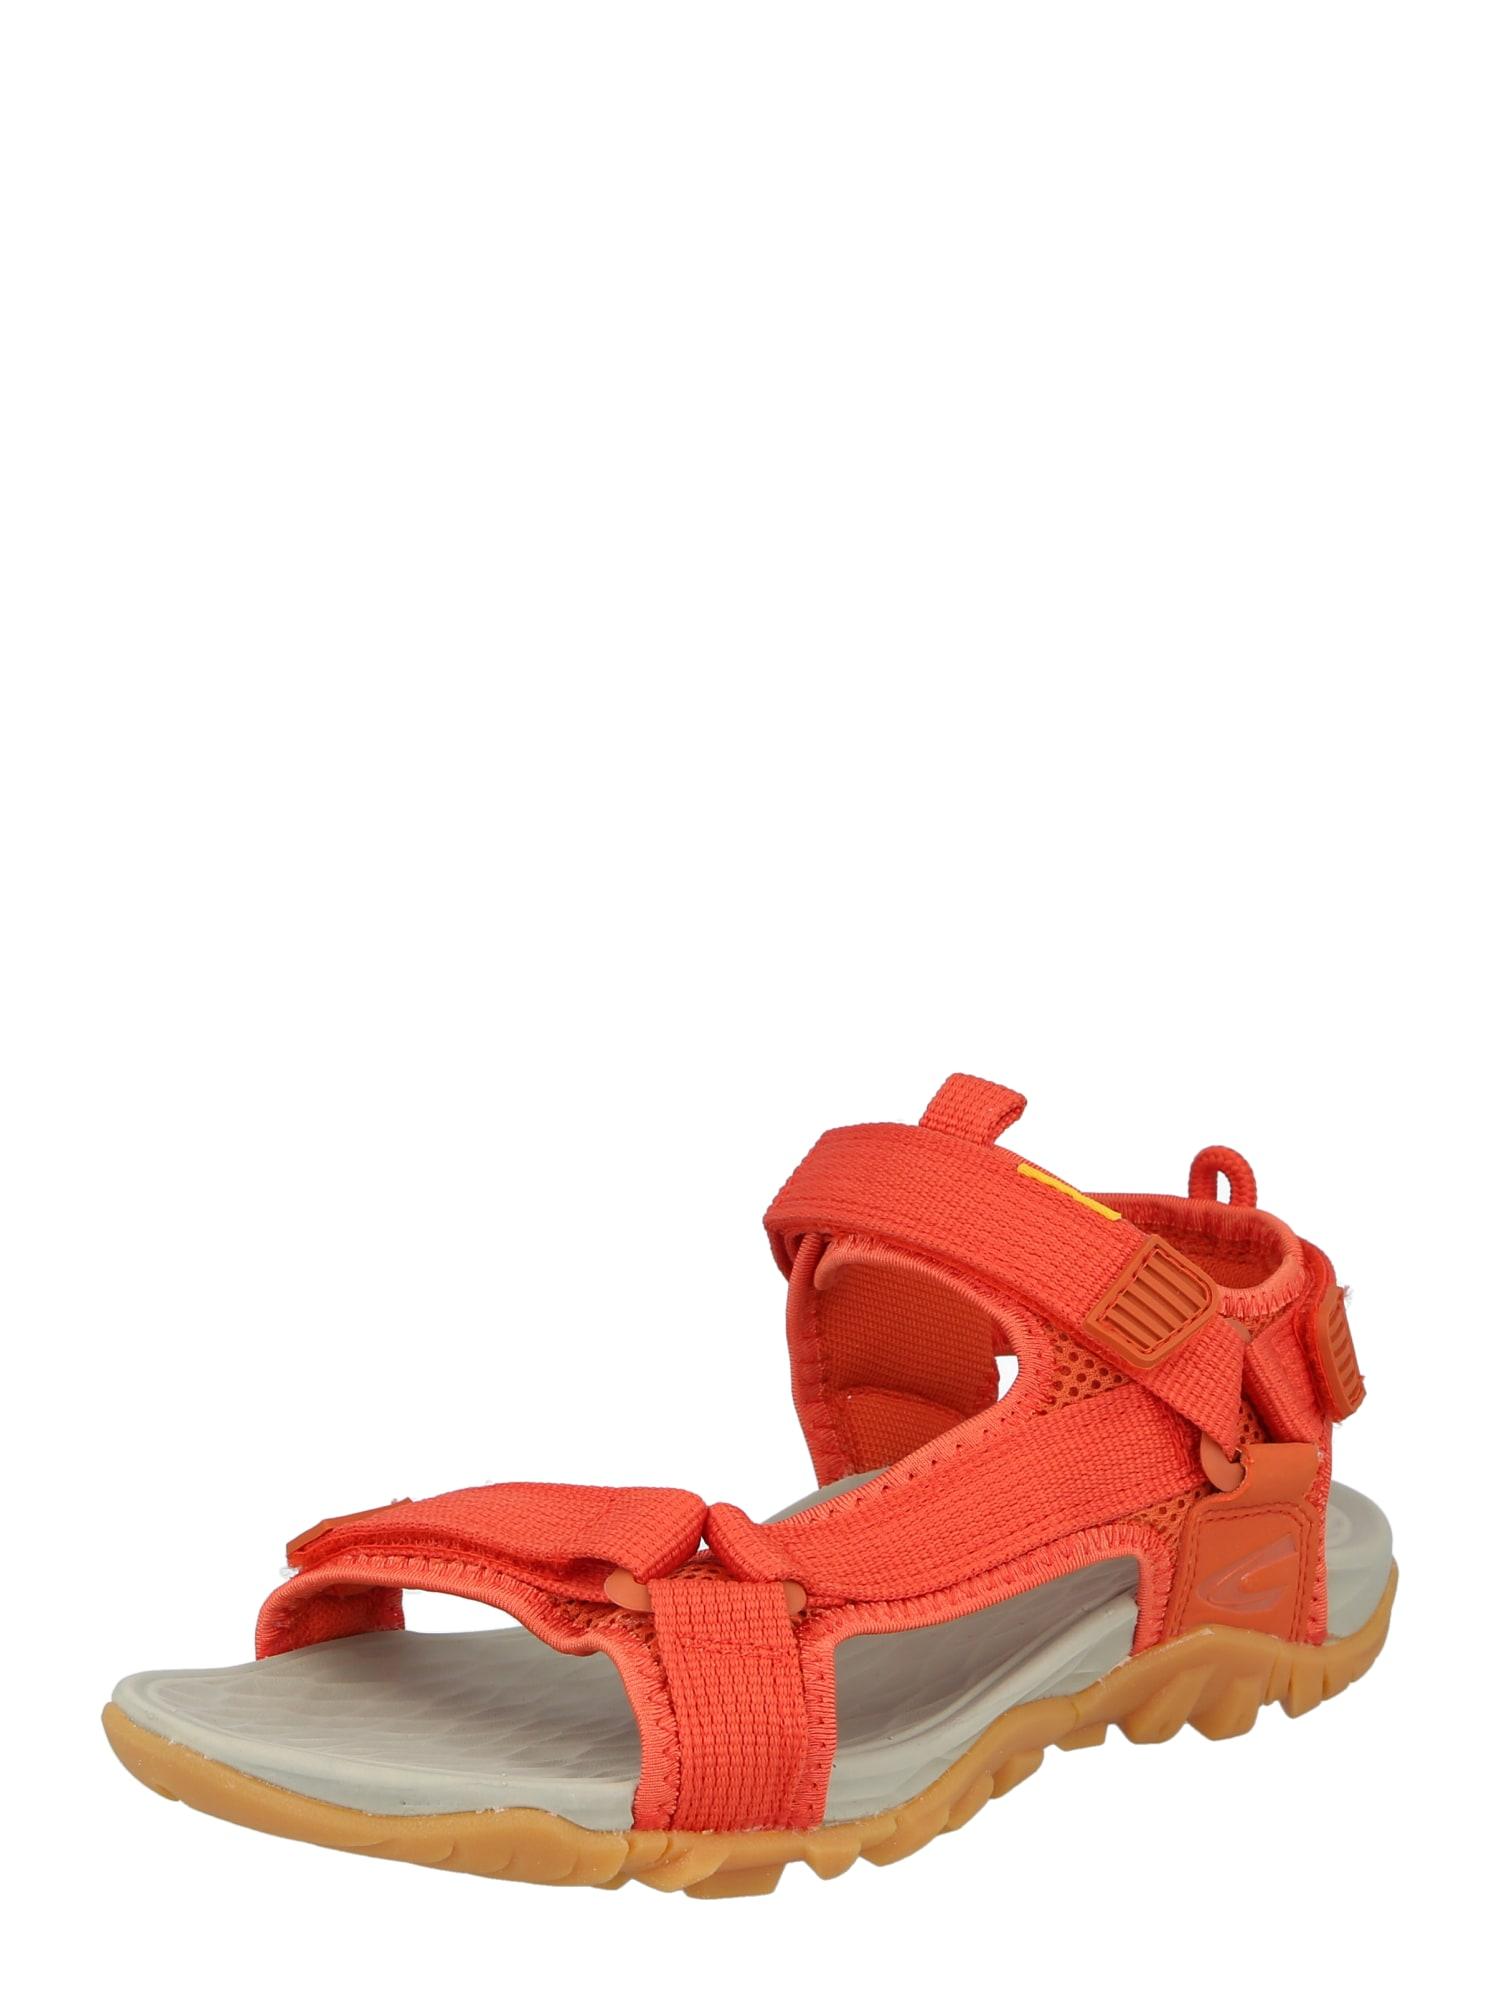 CAMEL ACTIVE Sportinio tipo sandalai oranžinė-raudona